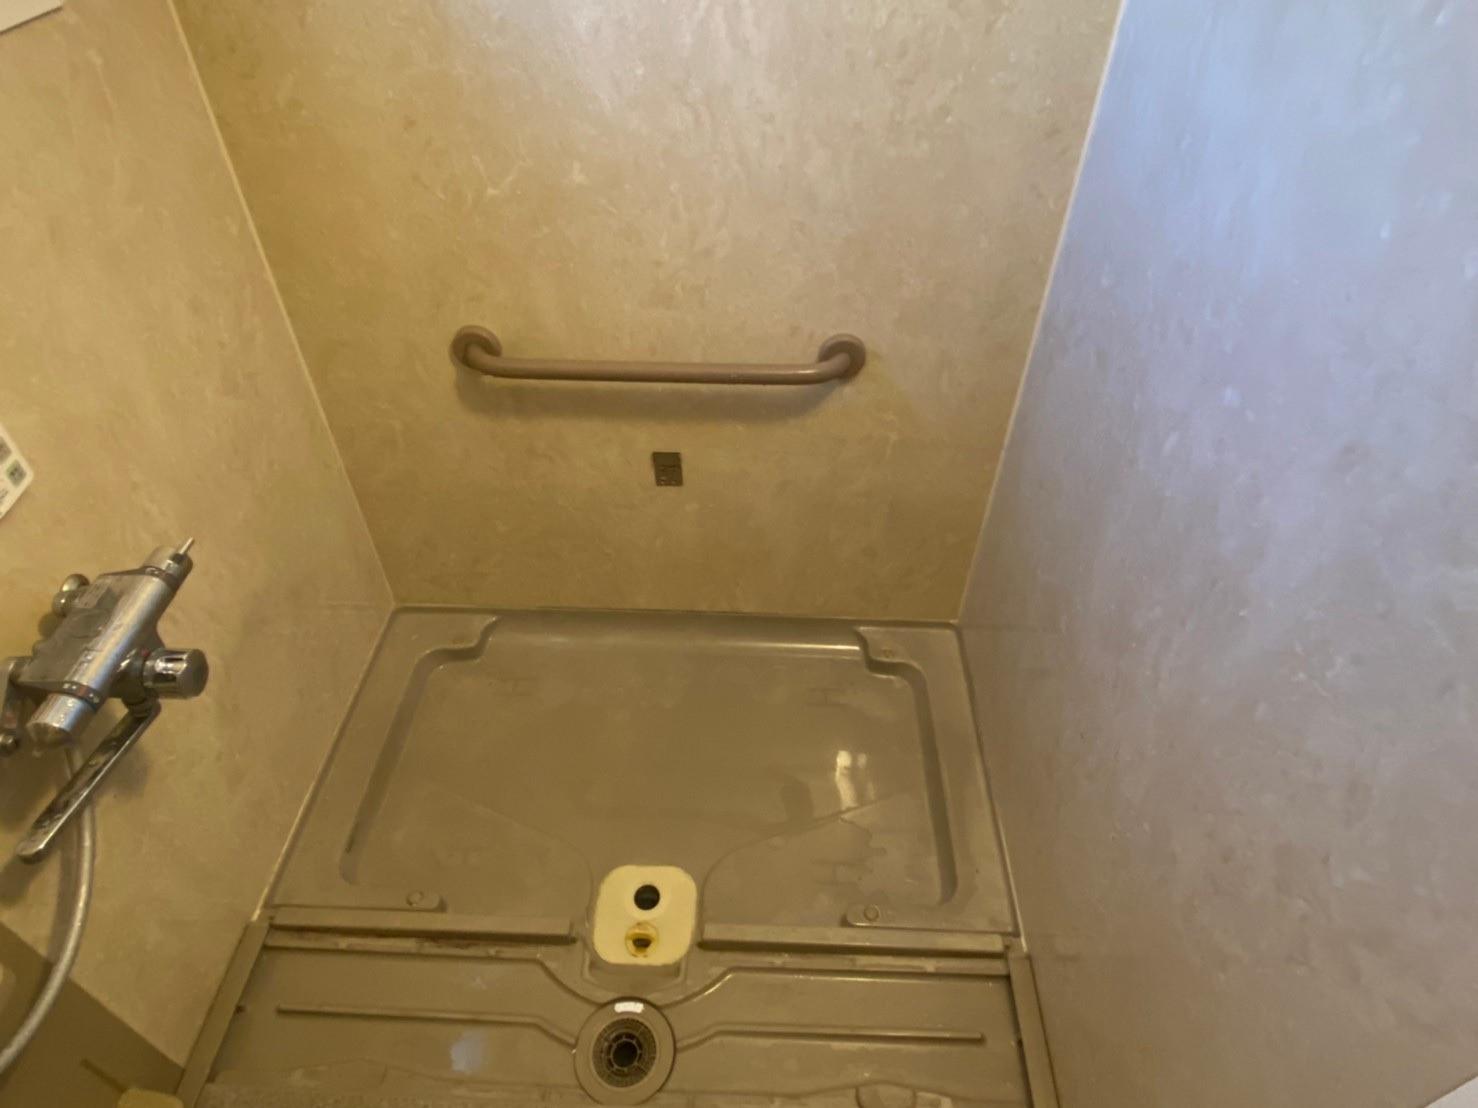 ユニットバス浴槽取替工事